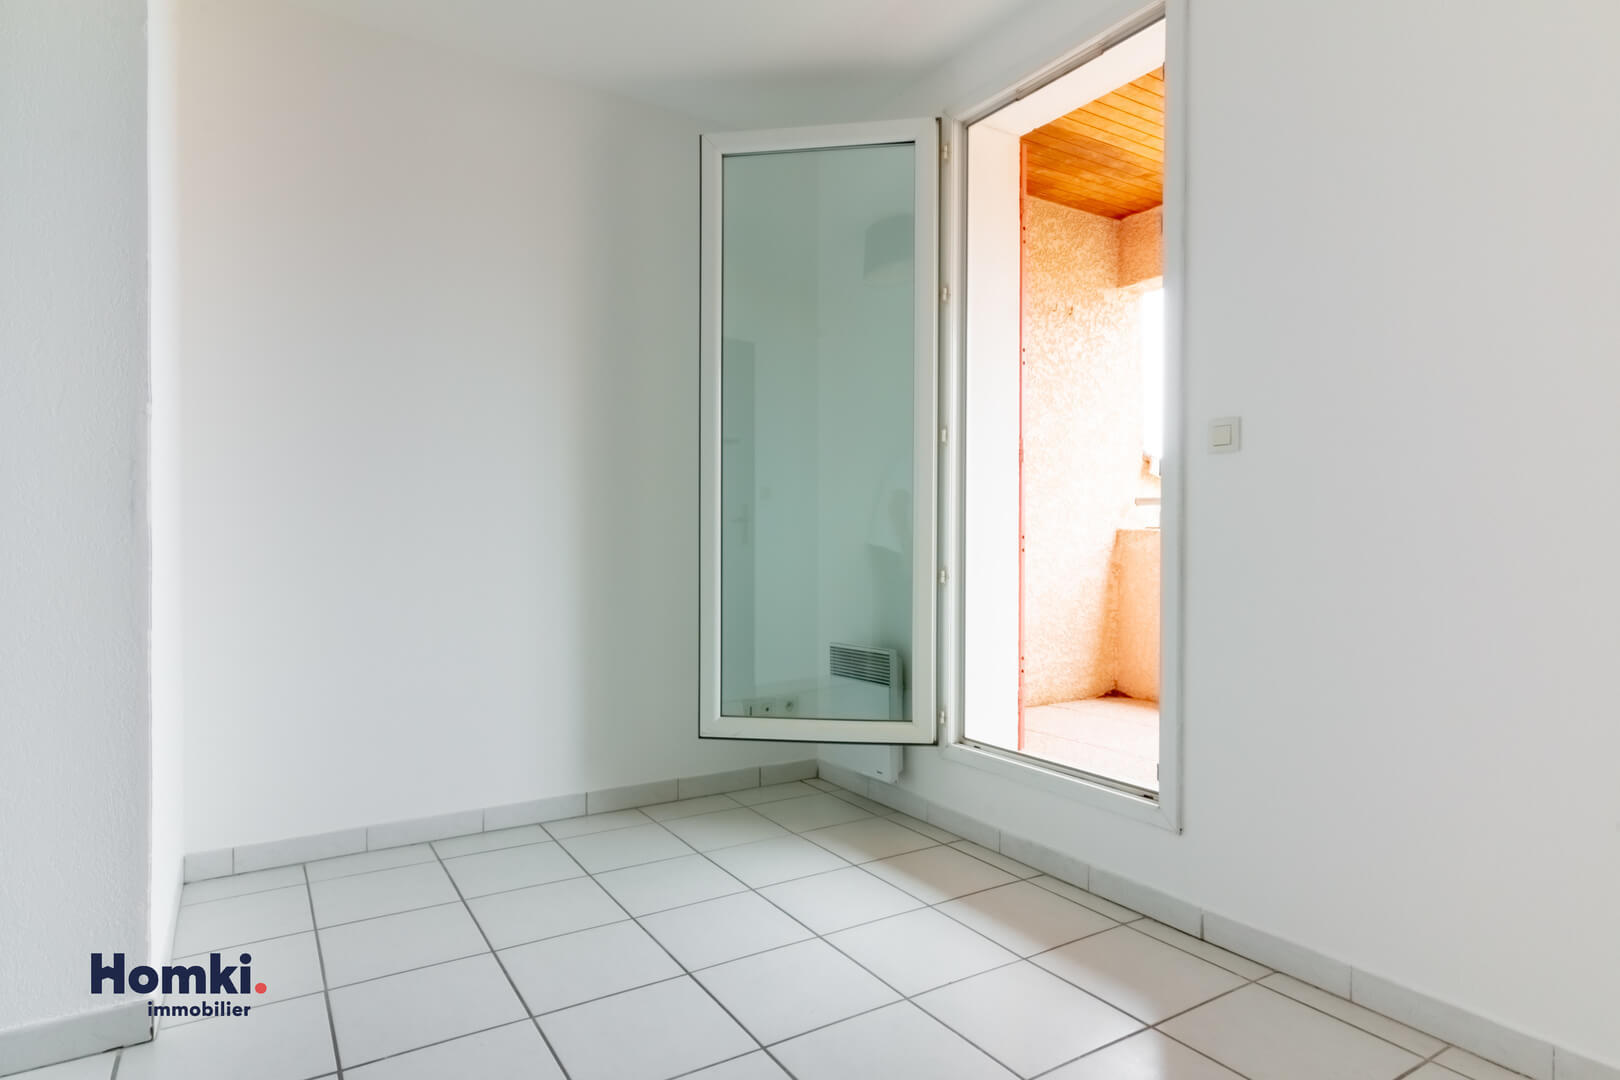 Vente Maison 53 m² T3 11560